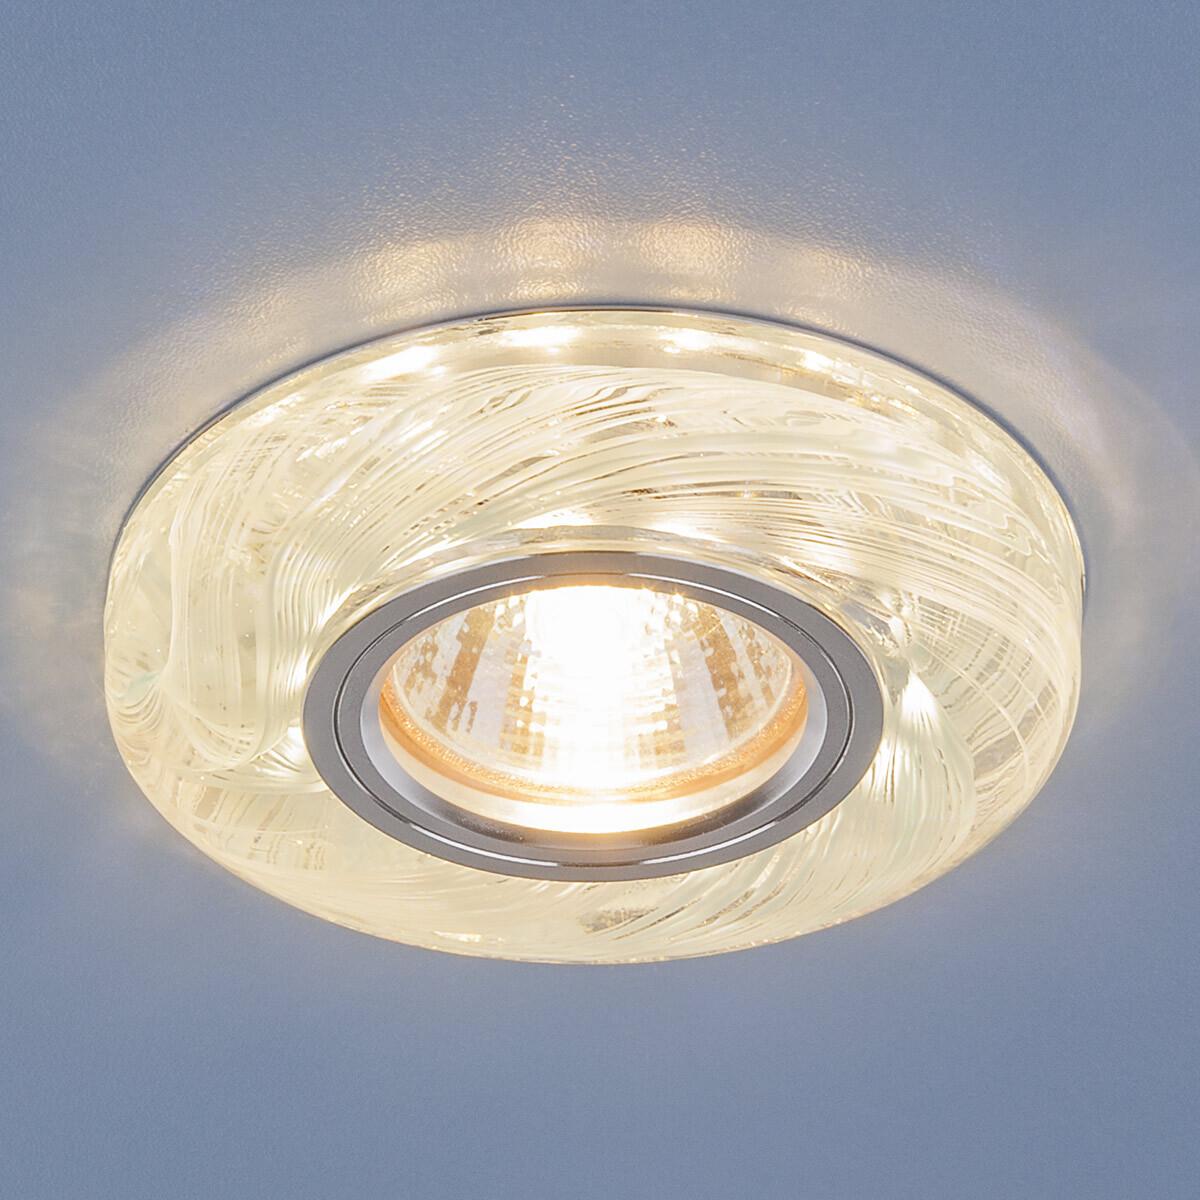 Встраиваемый светильник Elektrostandard Точечный светодиодный 2191 MR16 CL/BL, G5.3